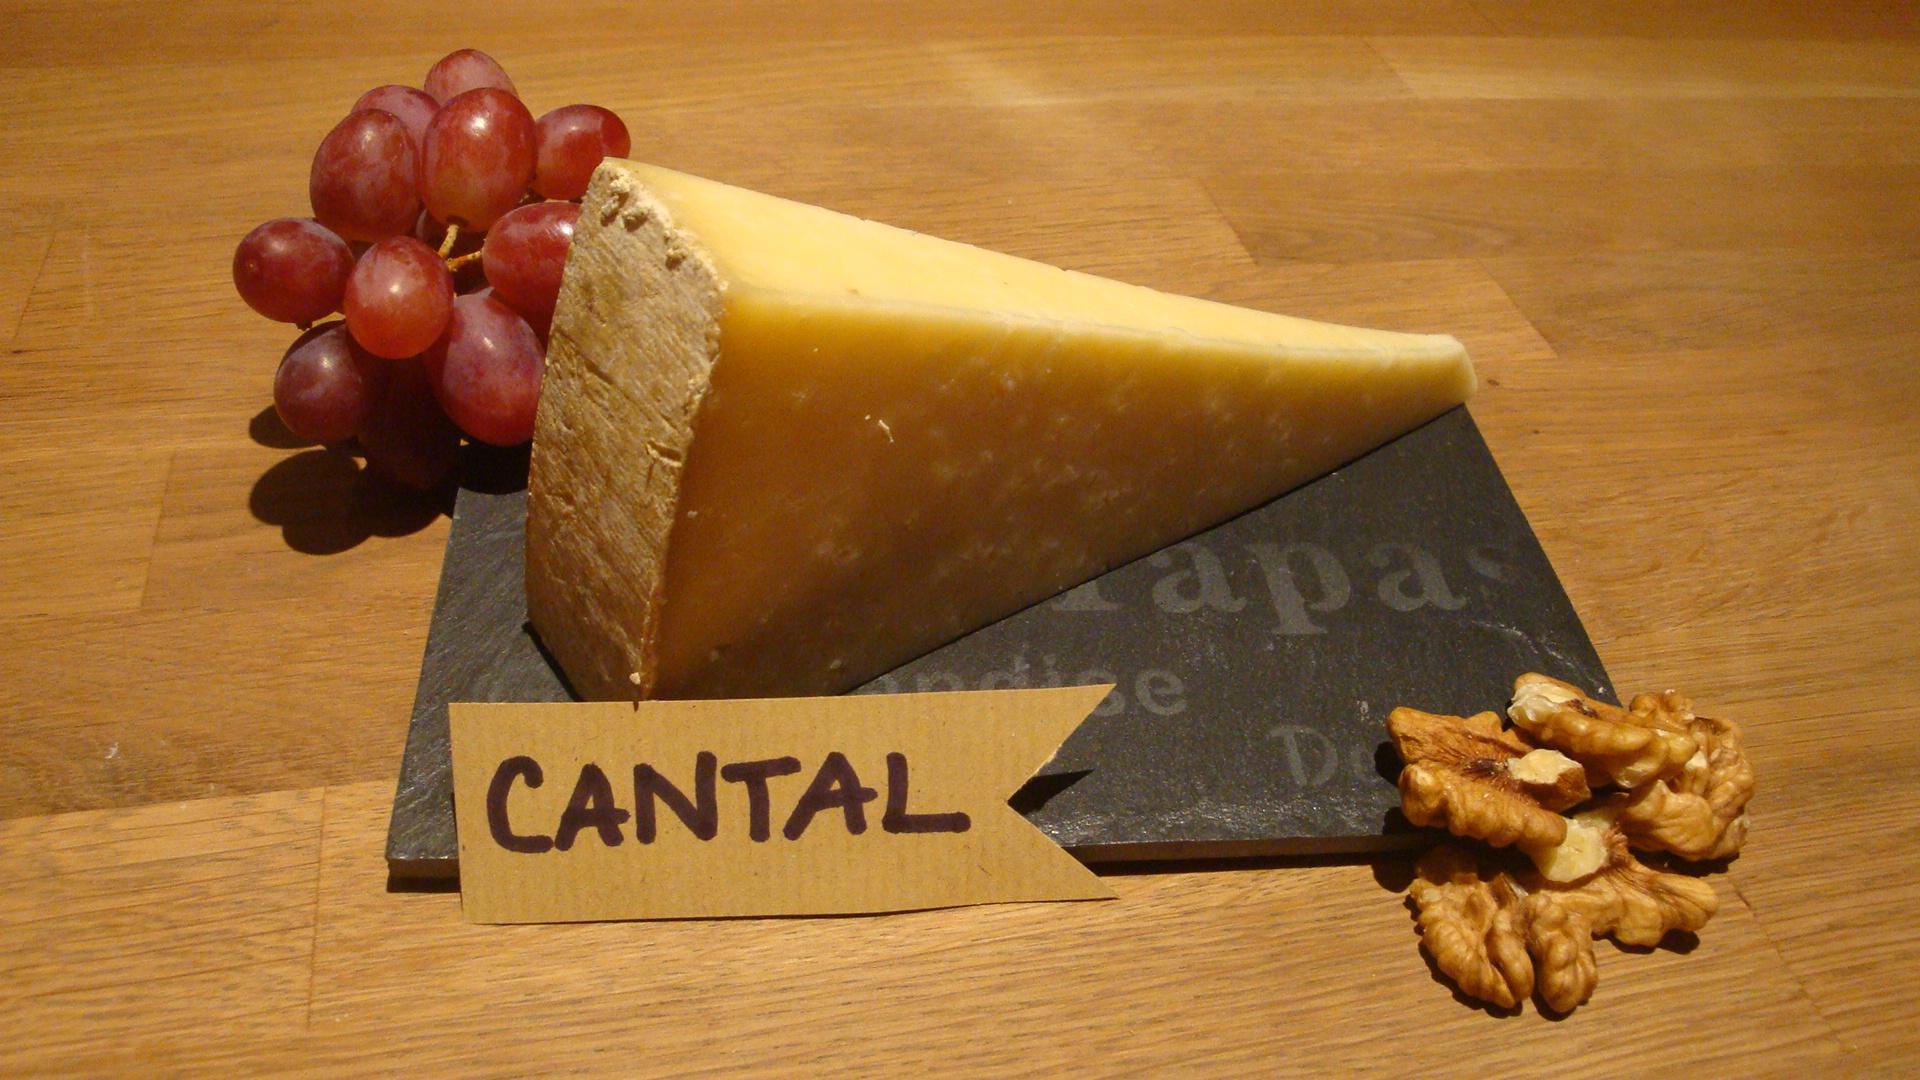 les fromages de clairette les fromages d 39 auvergne sont ils en forme les fromages de clairette. Black Bedroom Furniture Sets. Home Design Ideas